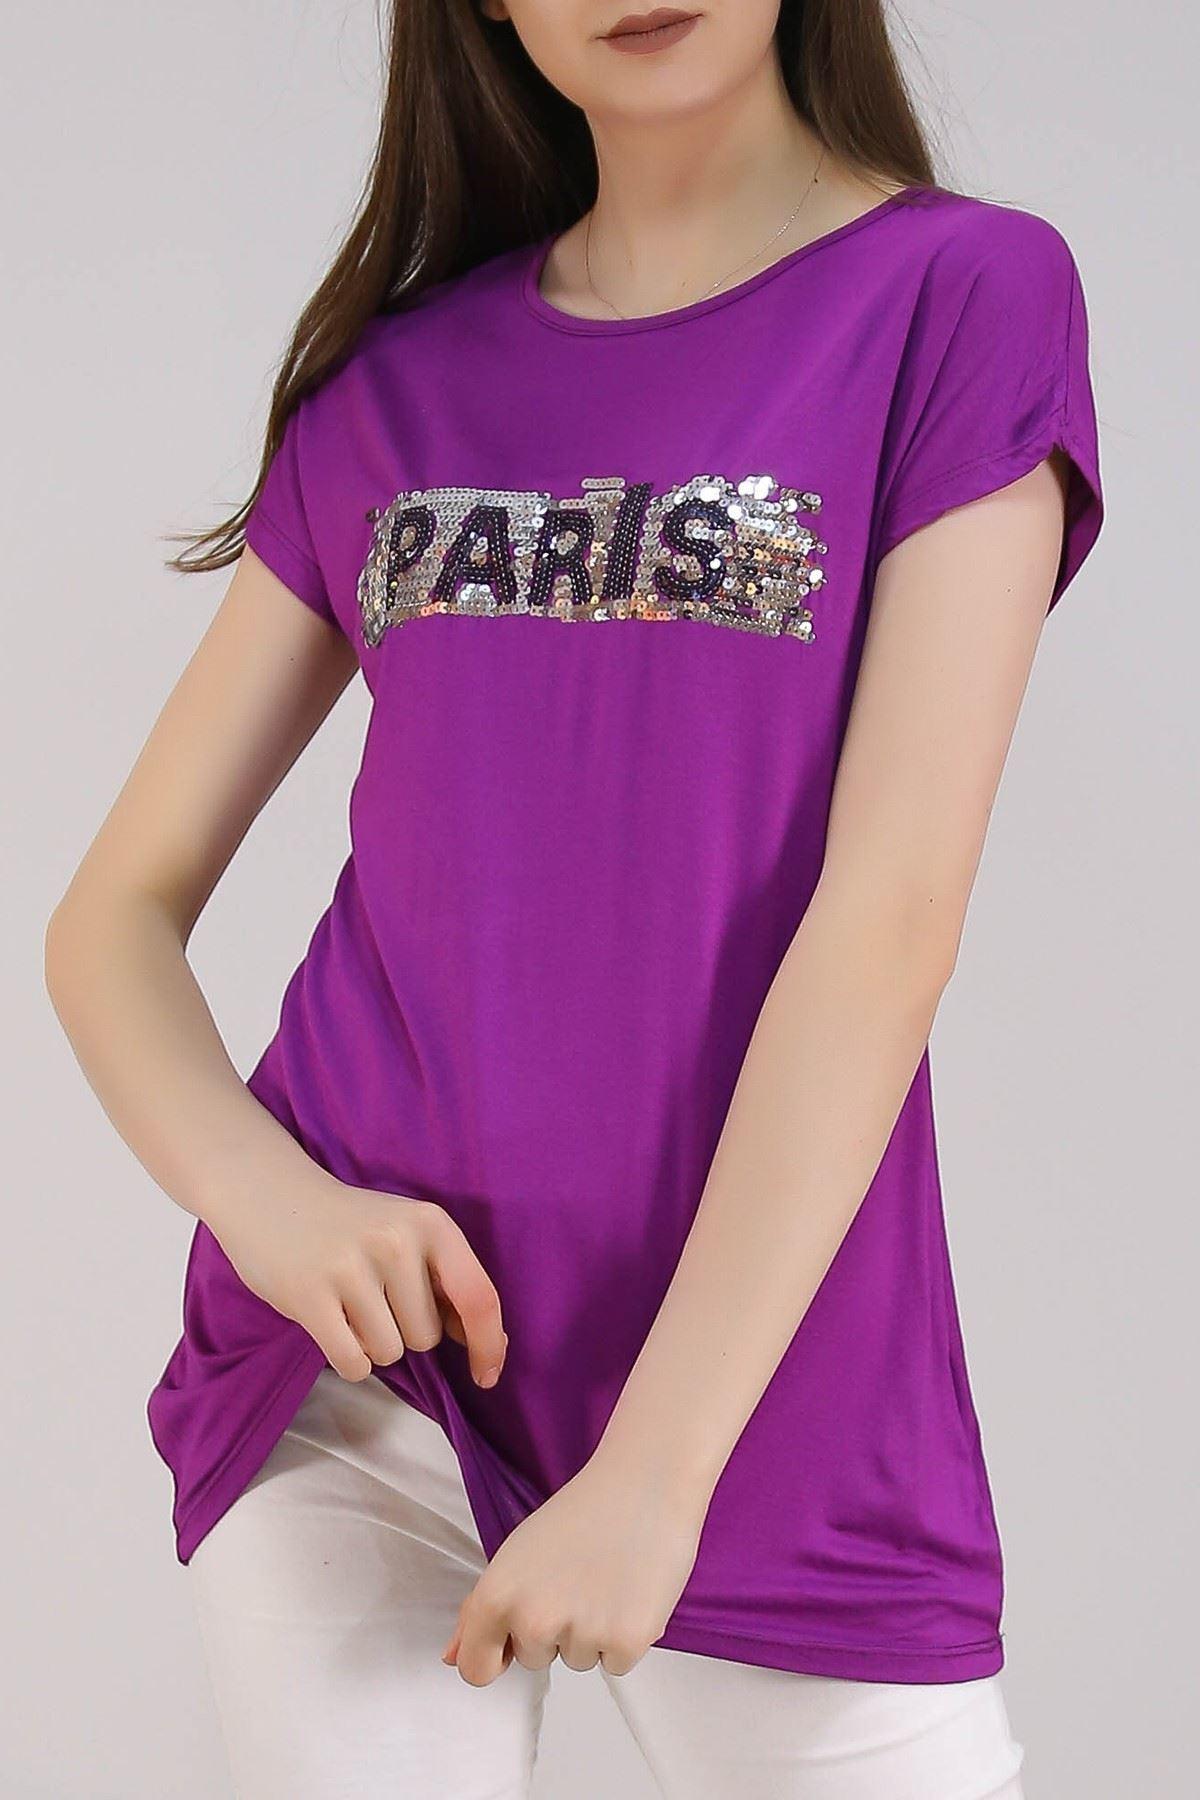 Paris Baskı Tişört Mor - 5051.139.